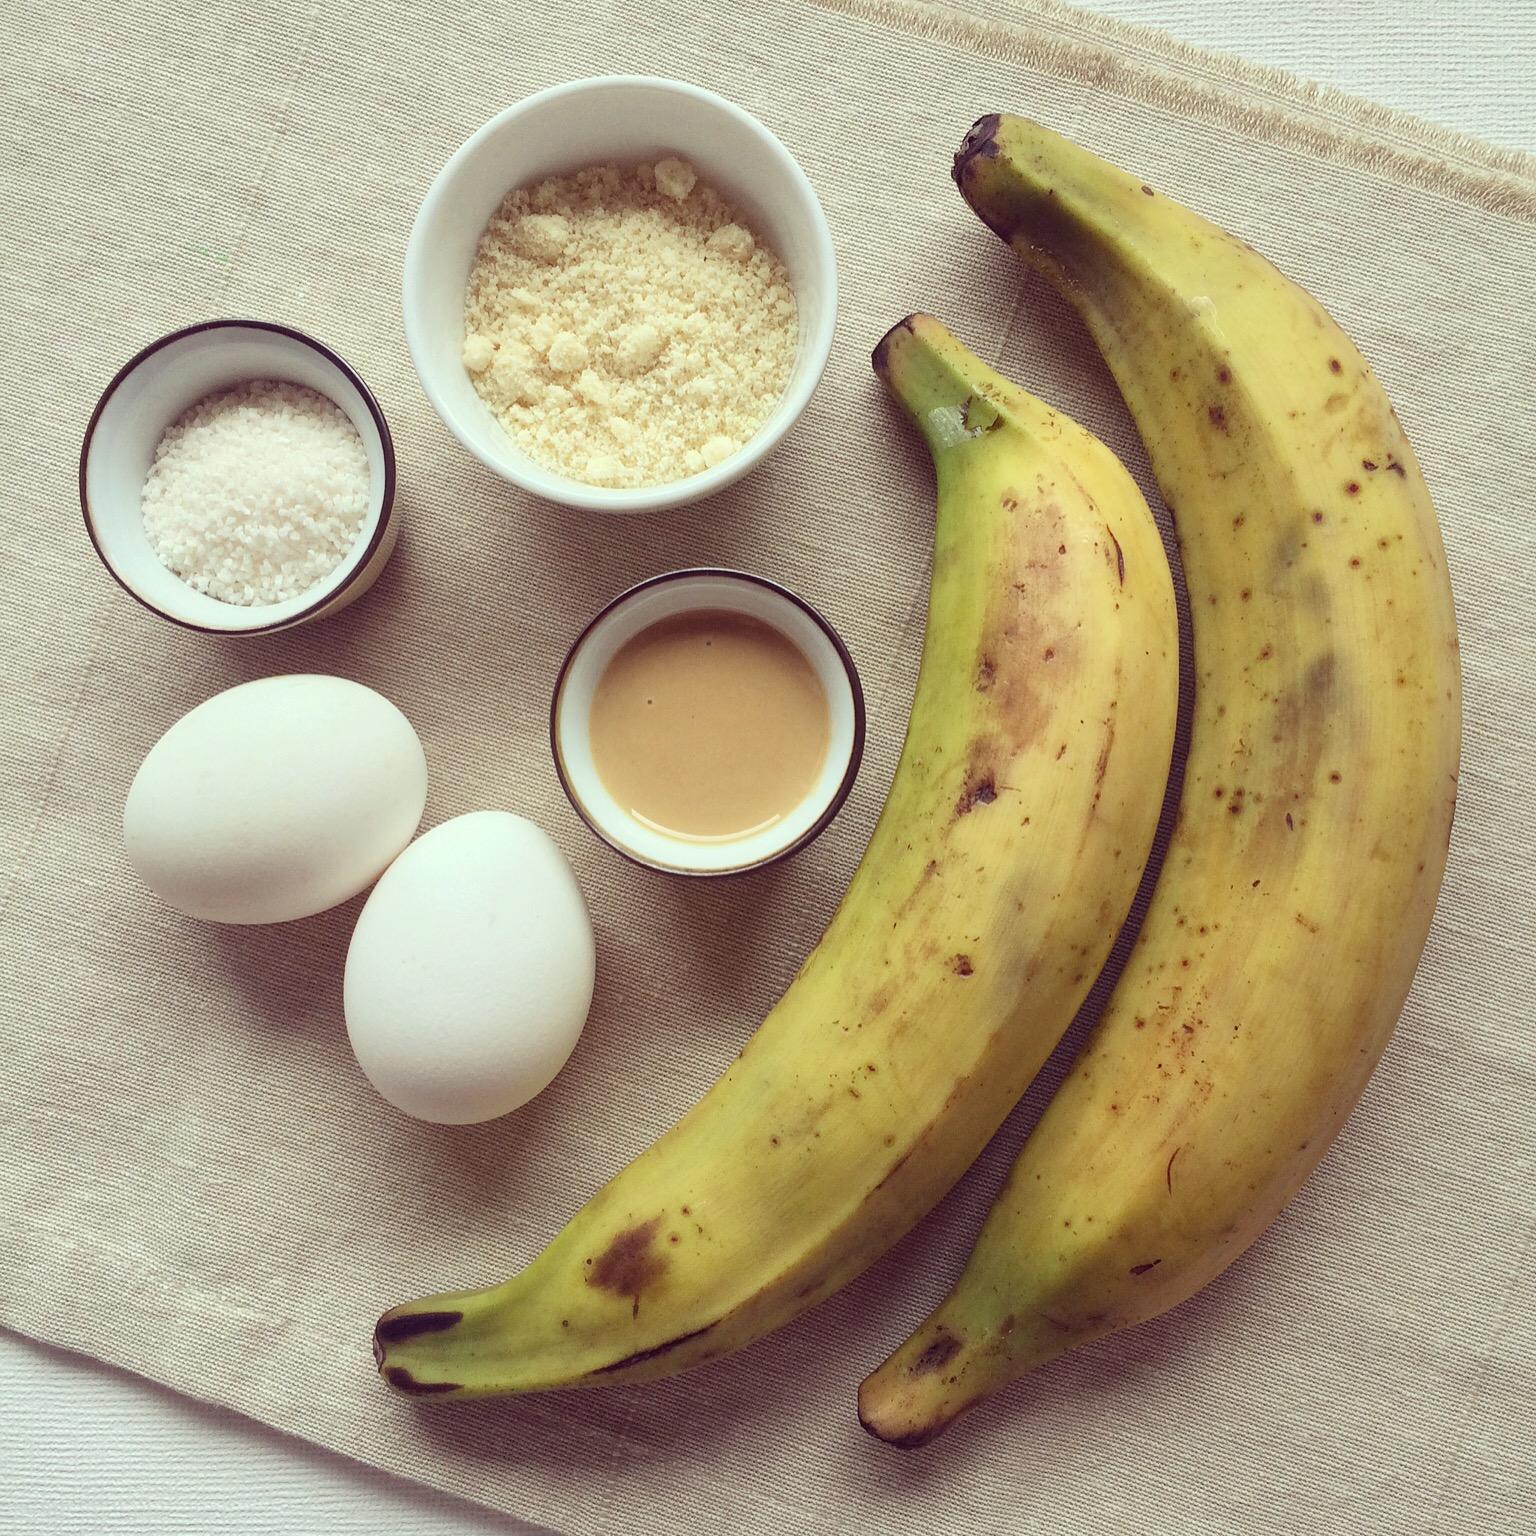 P te pizza aux bananes plantain amandes tapioca - Cuisiner des bananes plantain ...